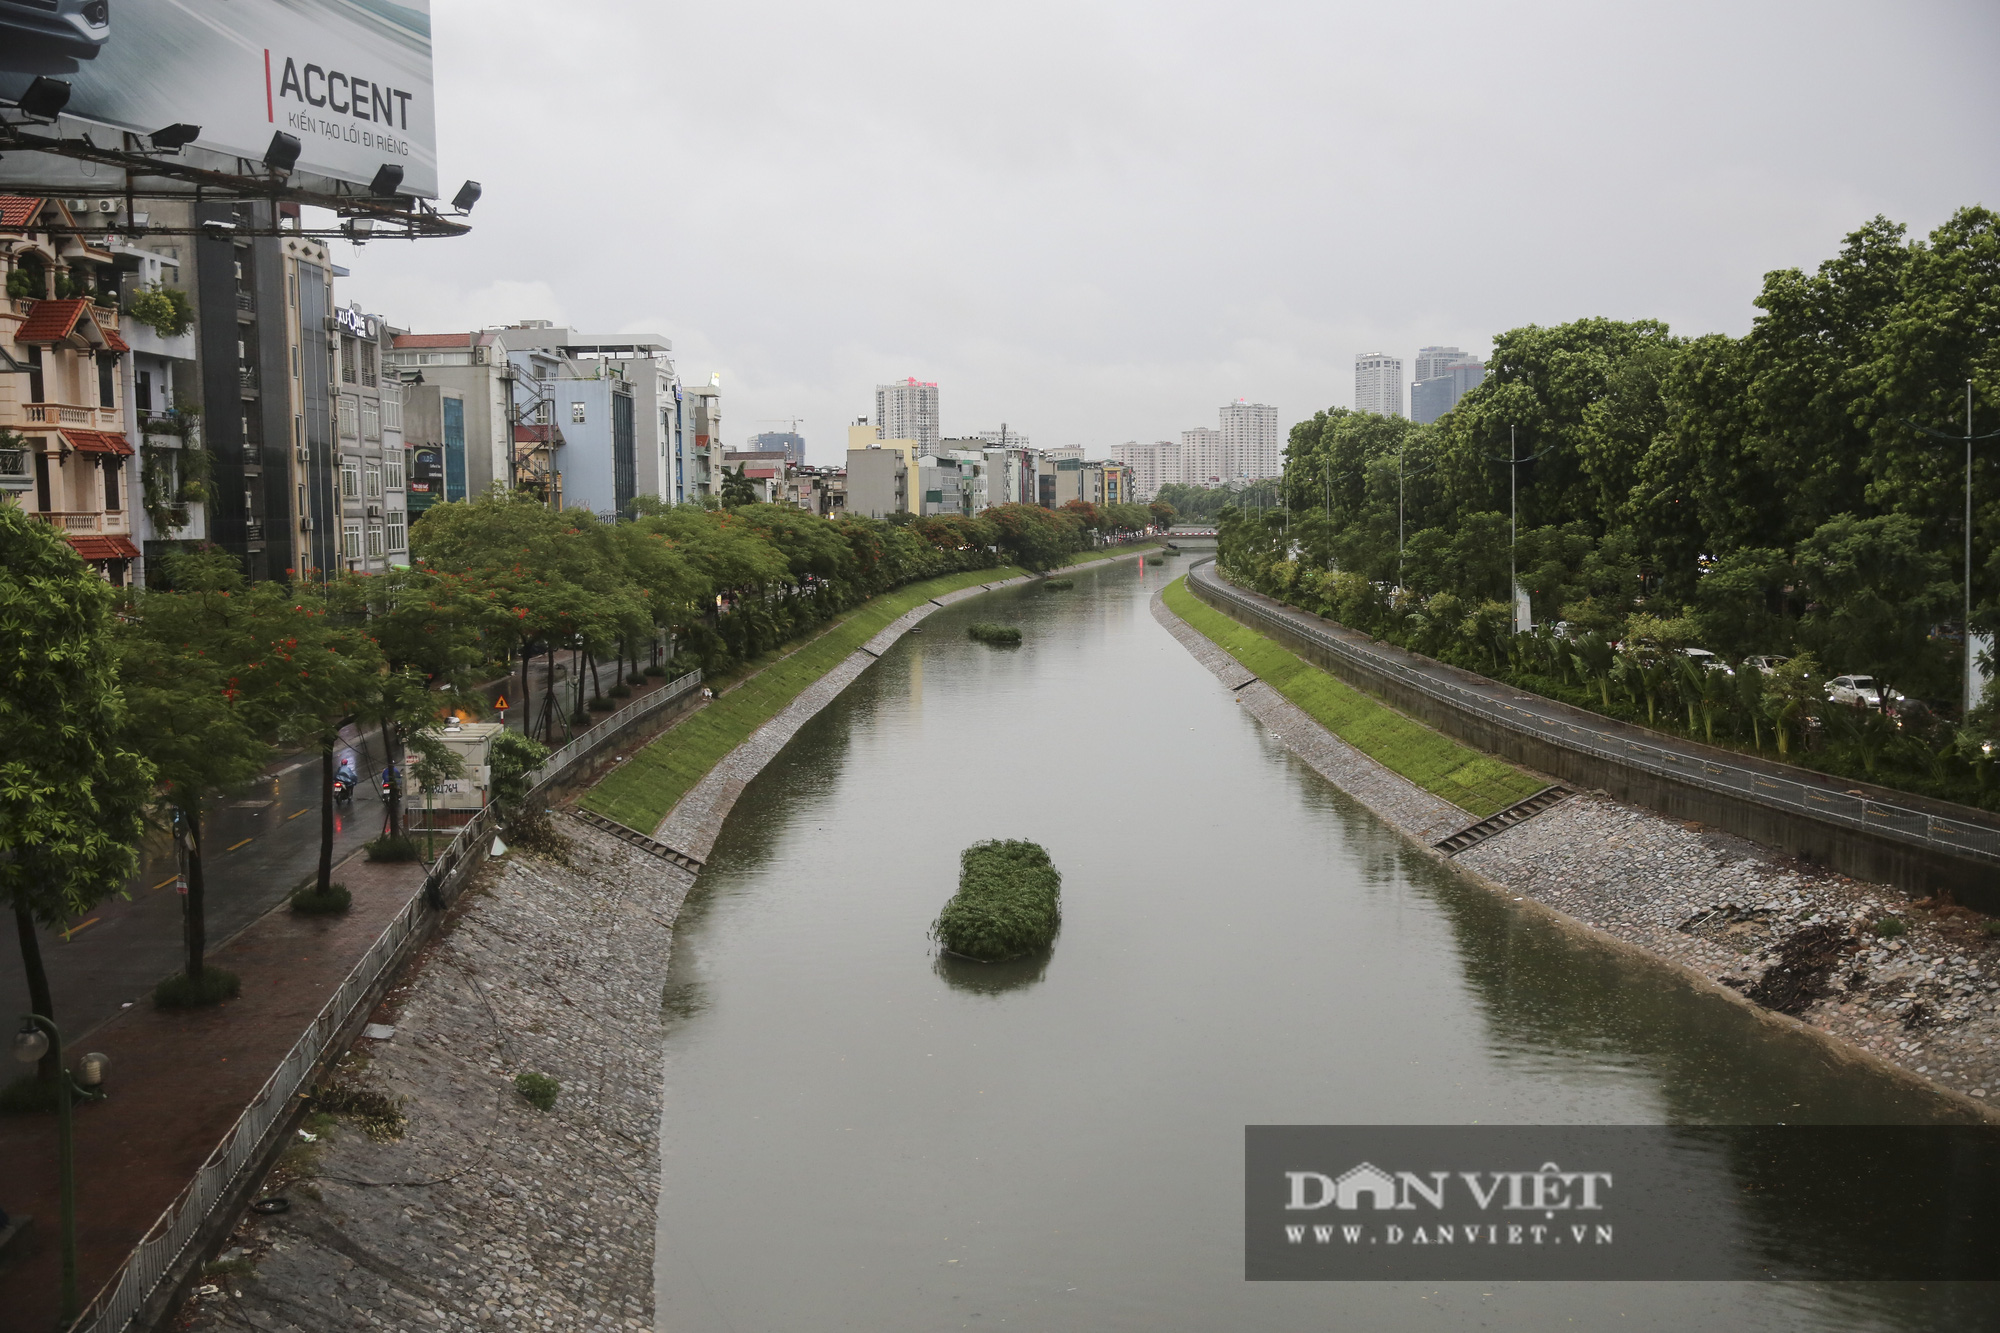 Sau bão số 2, Hà Nội mưa cả ngày khiến mực nước sông Tô Lịch bất ngờ dâng cao - Ảnh 4.